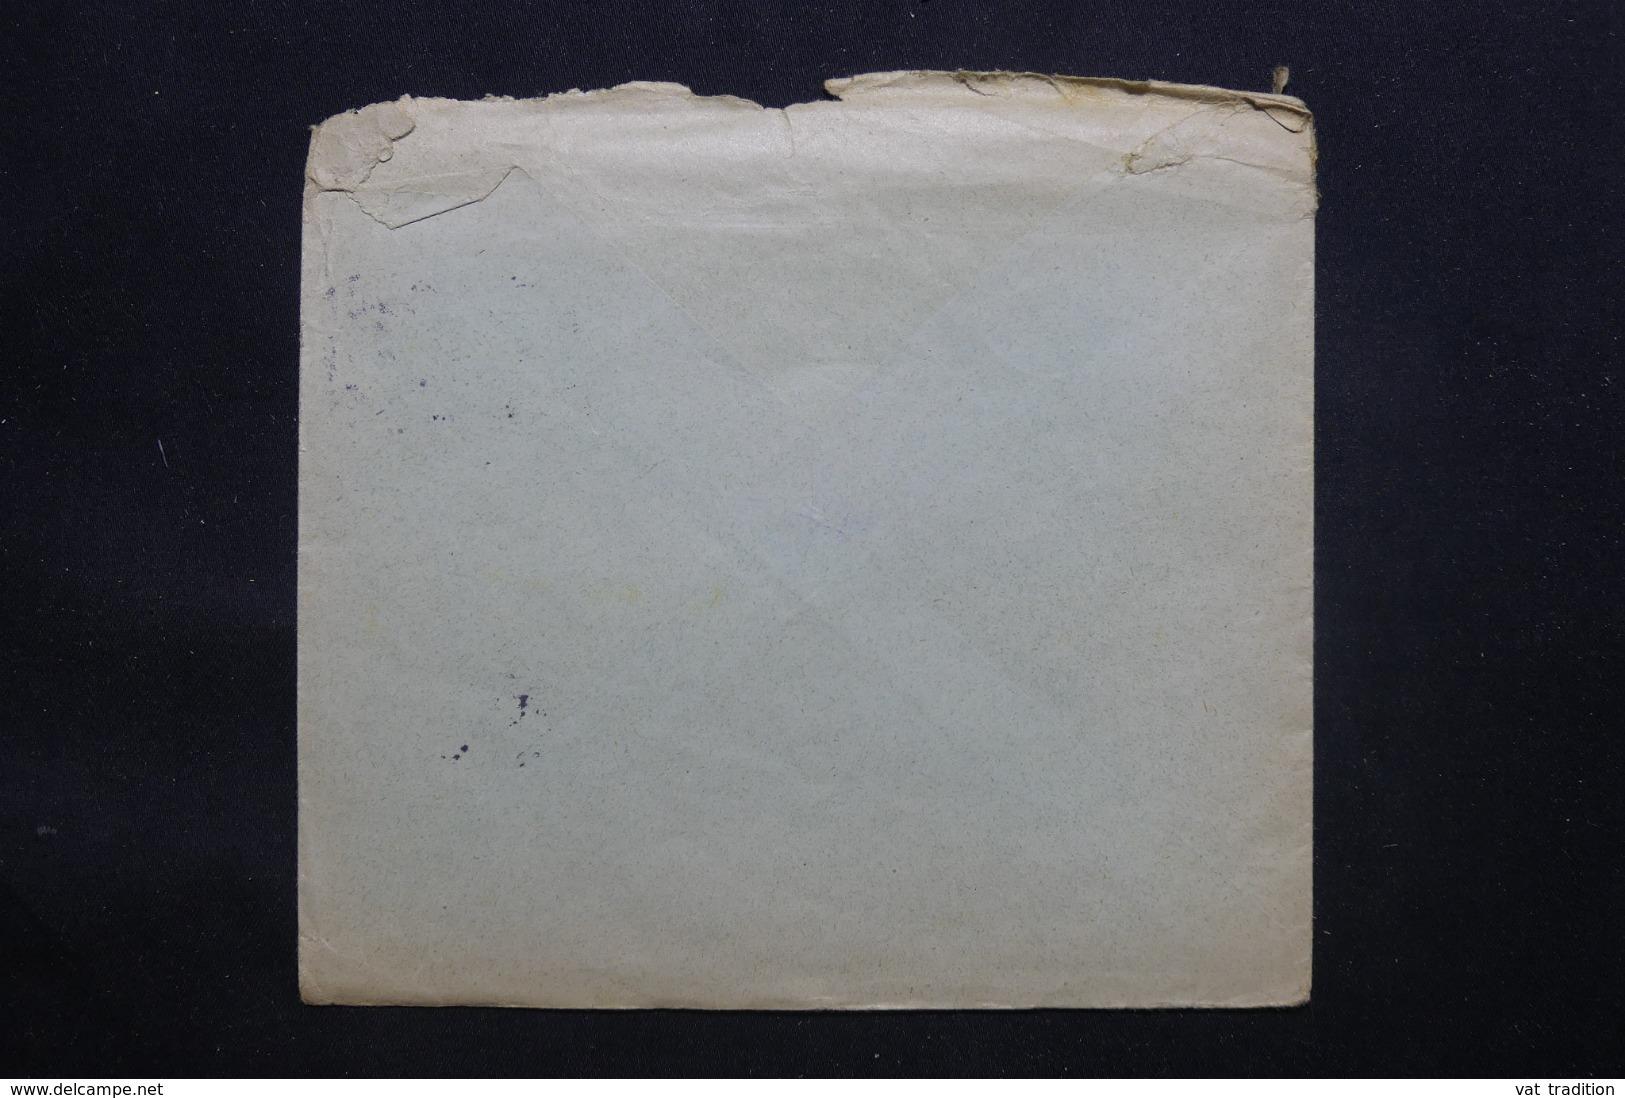 ALLEMAGNE - Enveloppe Commerciale De Zeitz En 1915 Avec Cachet De Censure, Affranchissement Perforé - L 43064 - Covers & Documents